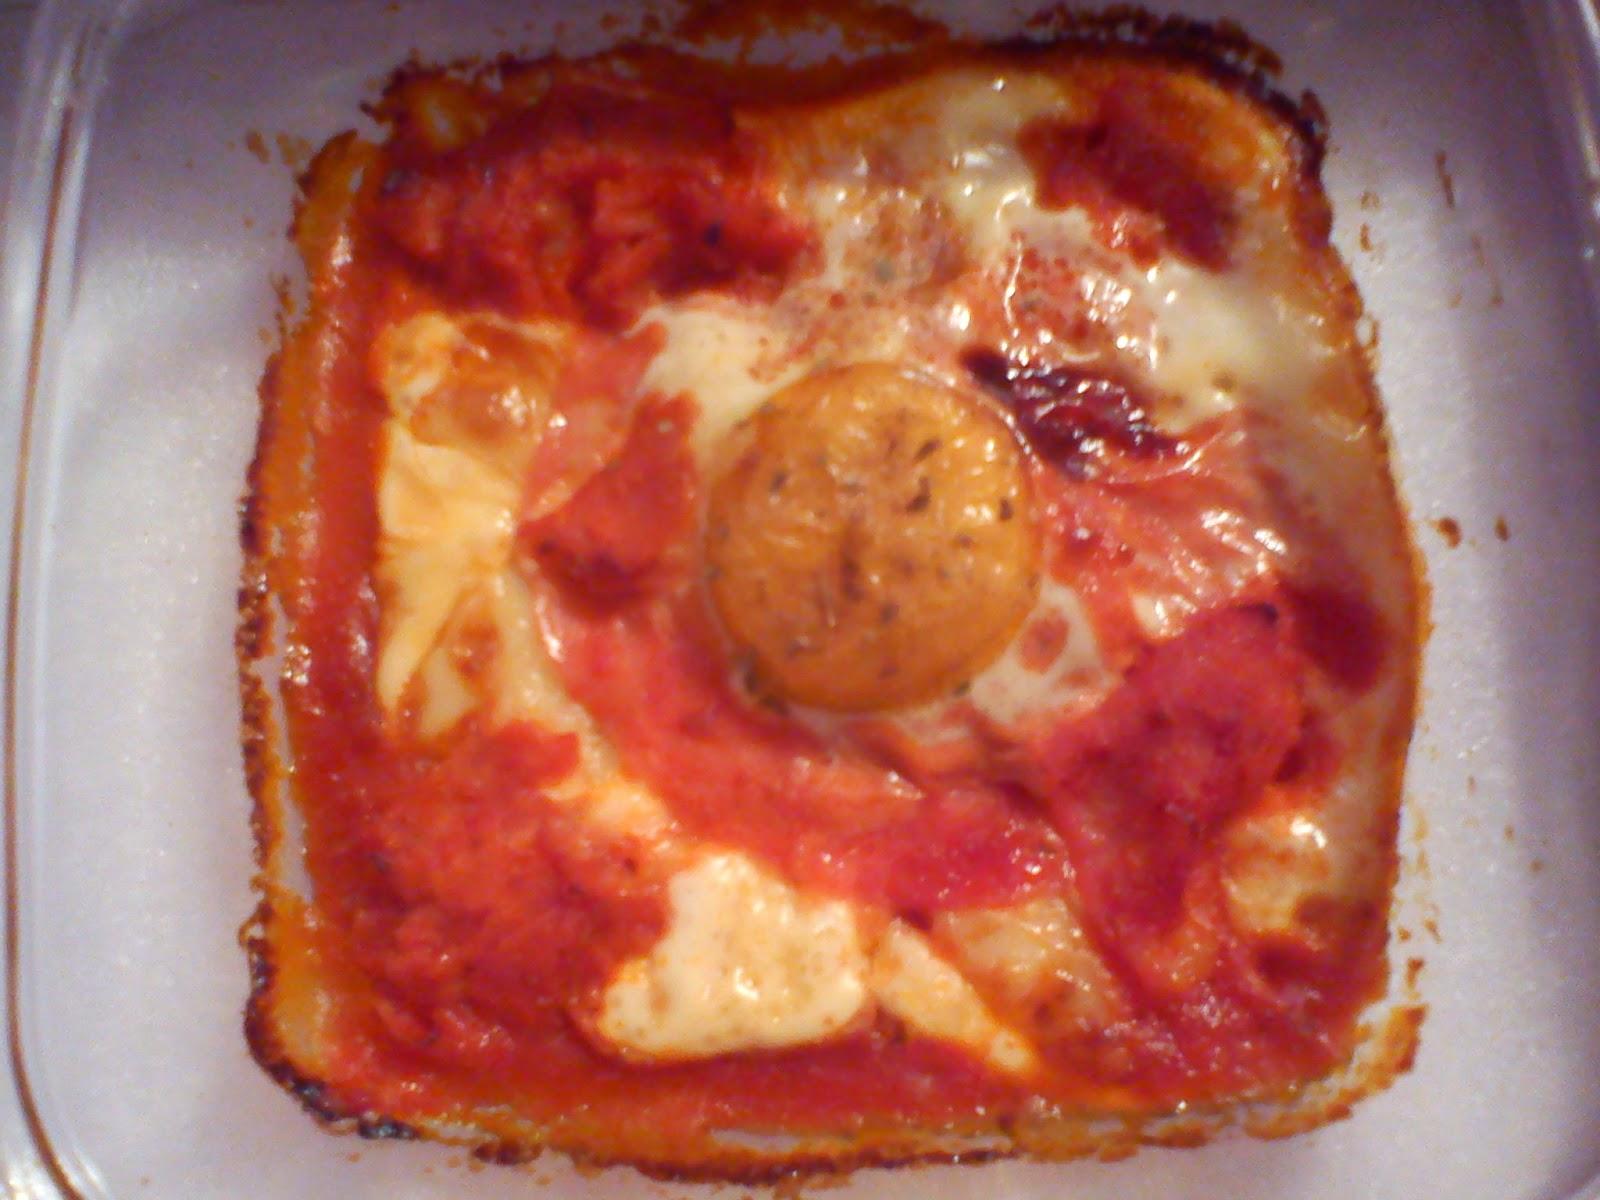 Huevo con jamón york al horno